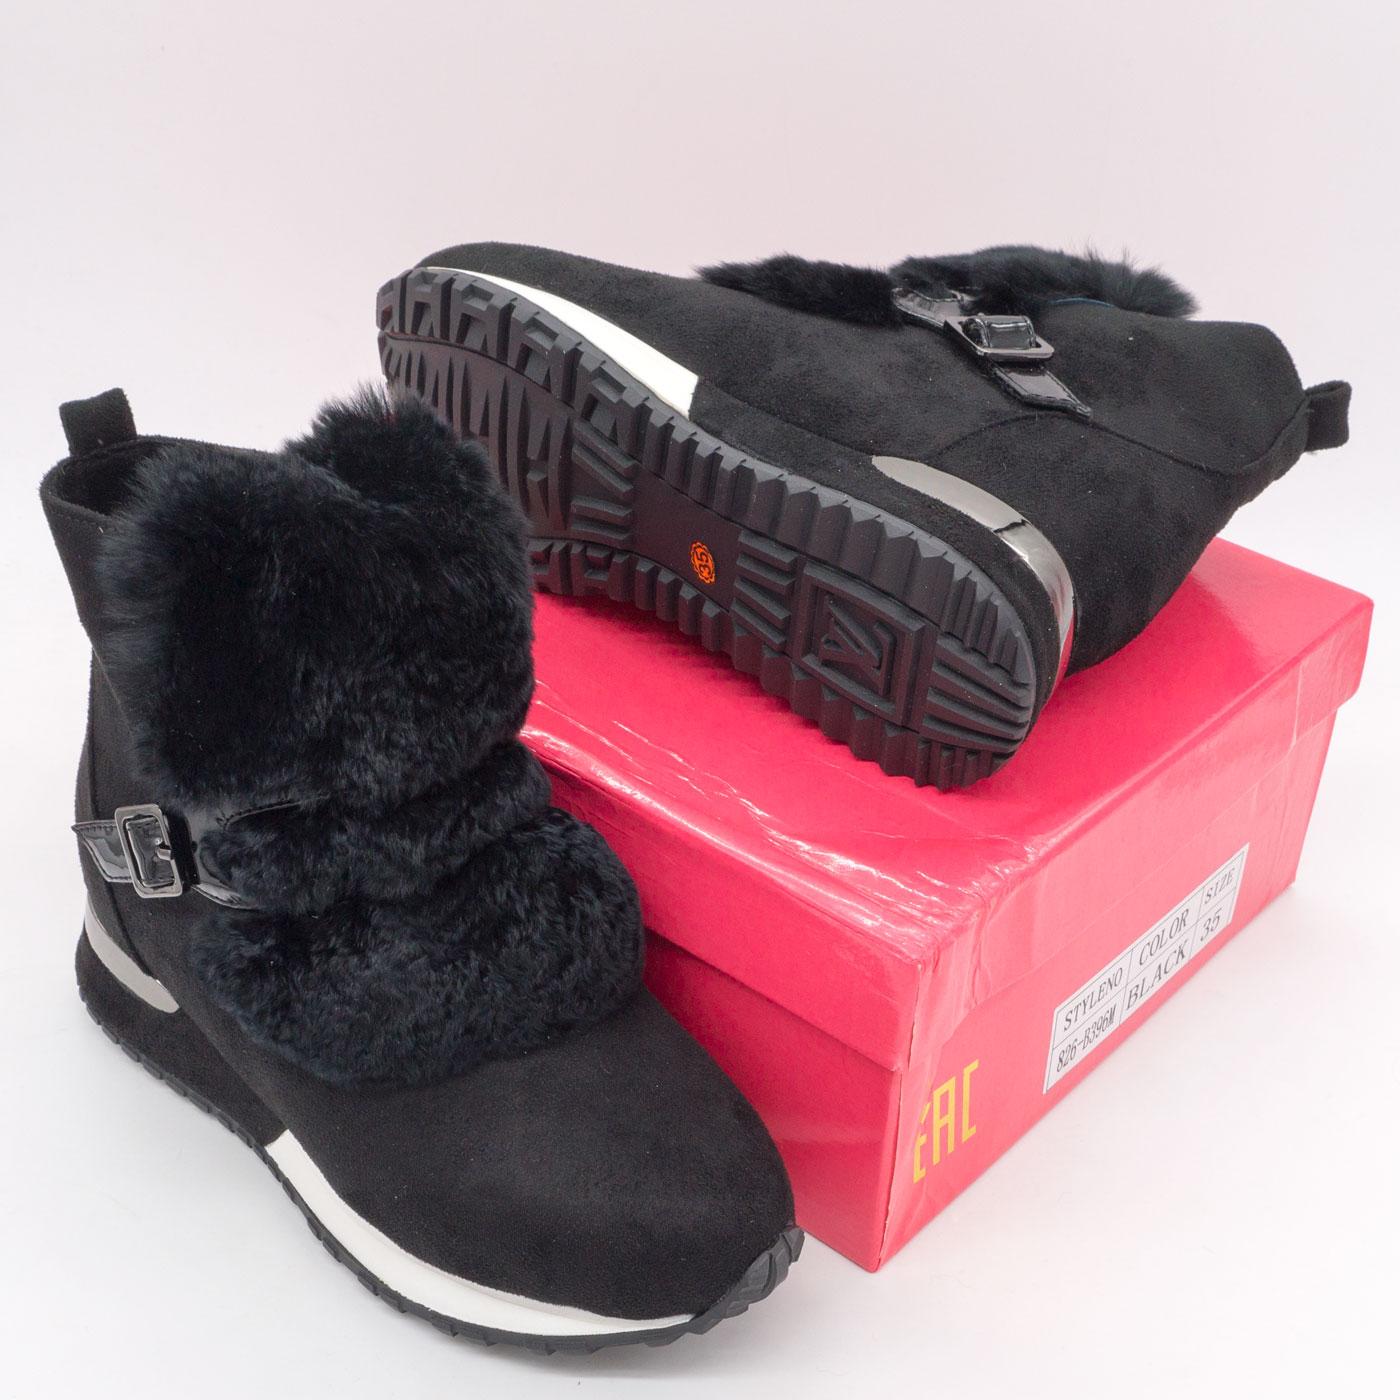 фото bottom Зимние высокие черные кроссовки LICCI 826-B396M bottom